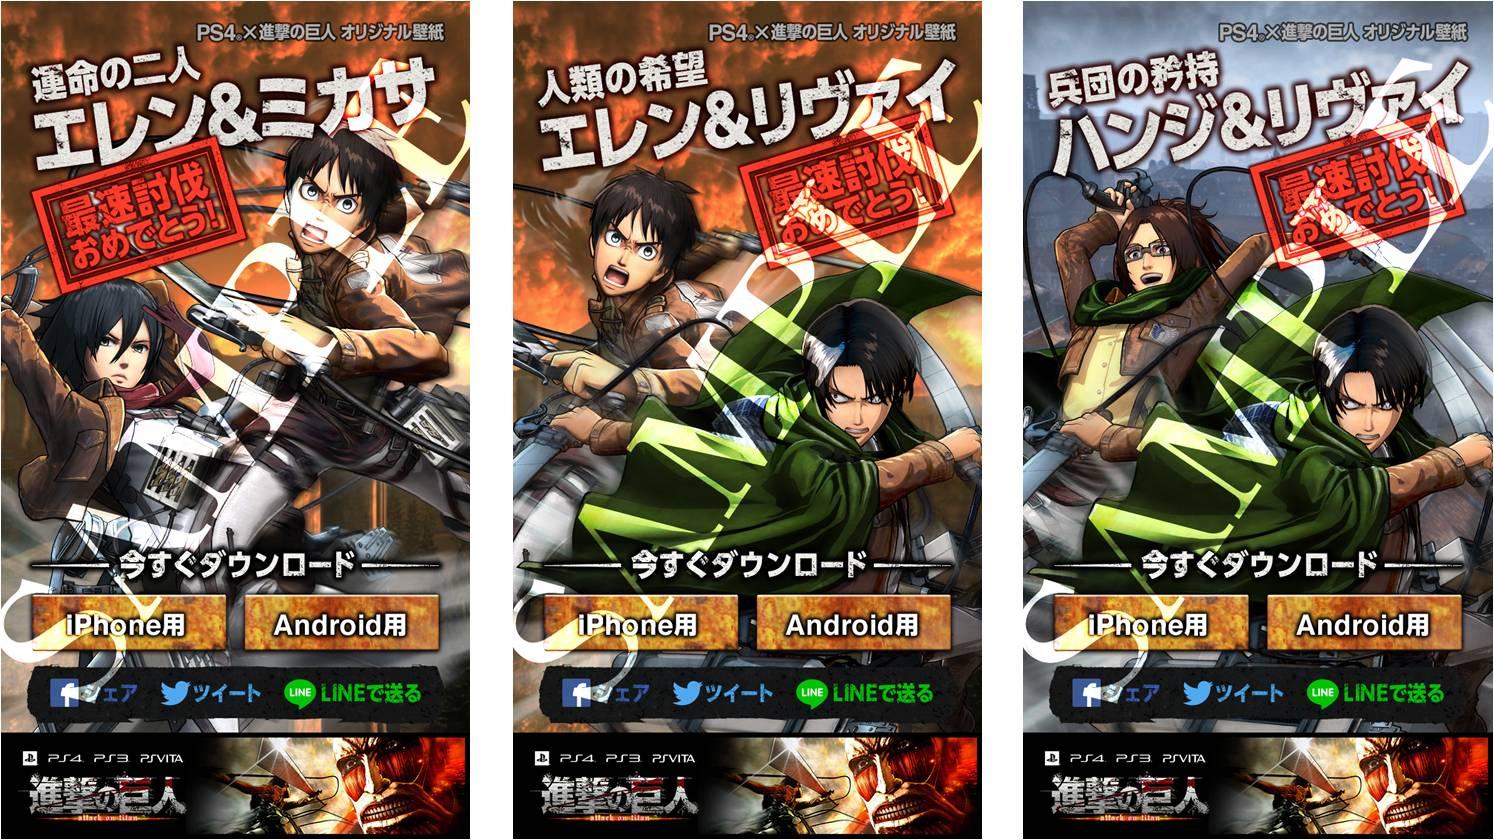 ファンを集めて話題創出 ps4が新宿駅をジャックして 進撃の巨人 巨大スクラッチポスターを展開 ガリガリ